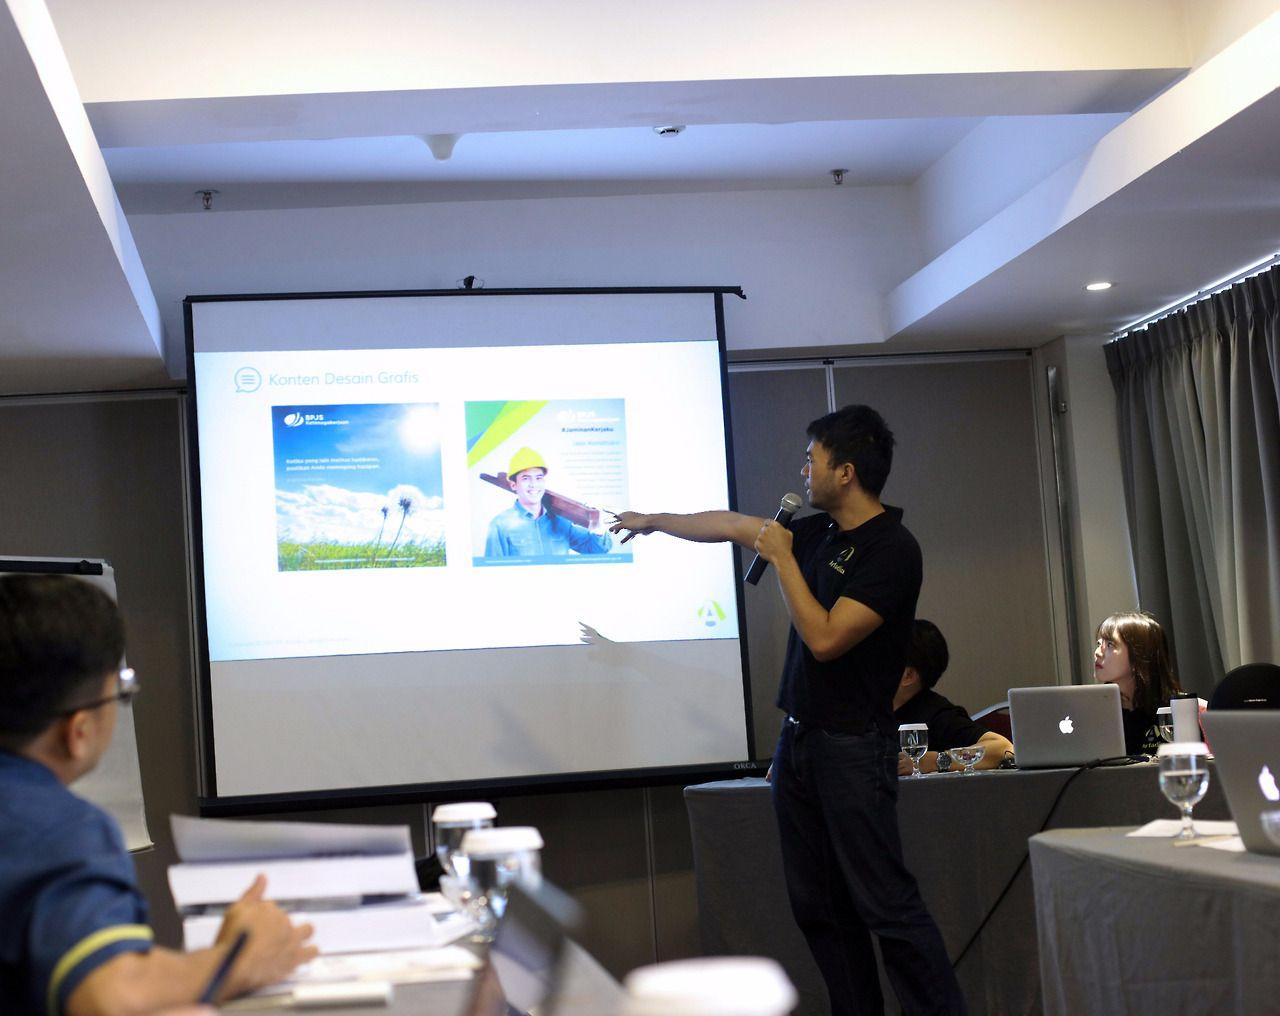 Divisi Kreatif yang dipimpin oleh Agung Wijayanto menjelaskan proses kerja, ide kreatif berupa grafis, foto, dan video, serta respon masyarakat terhadapnya.